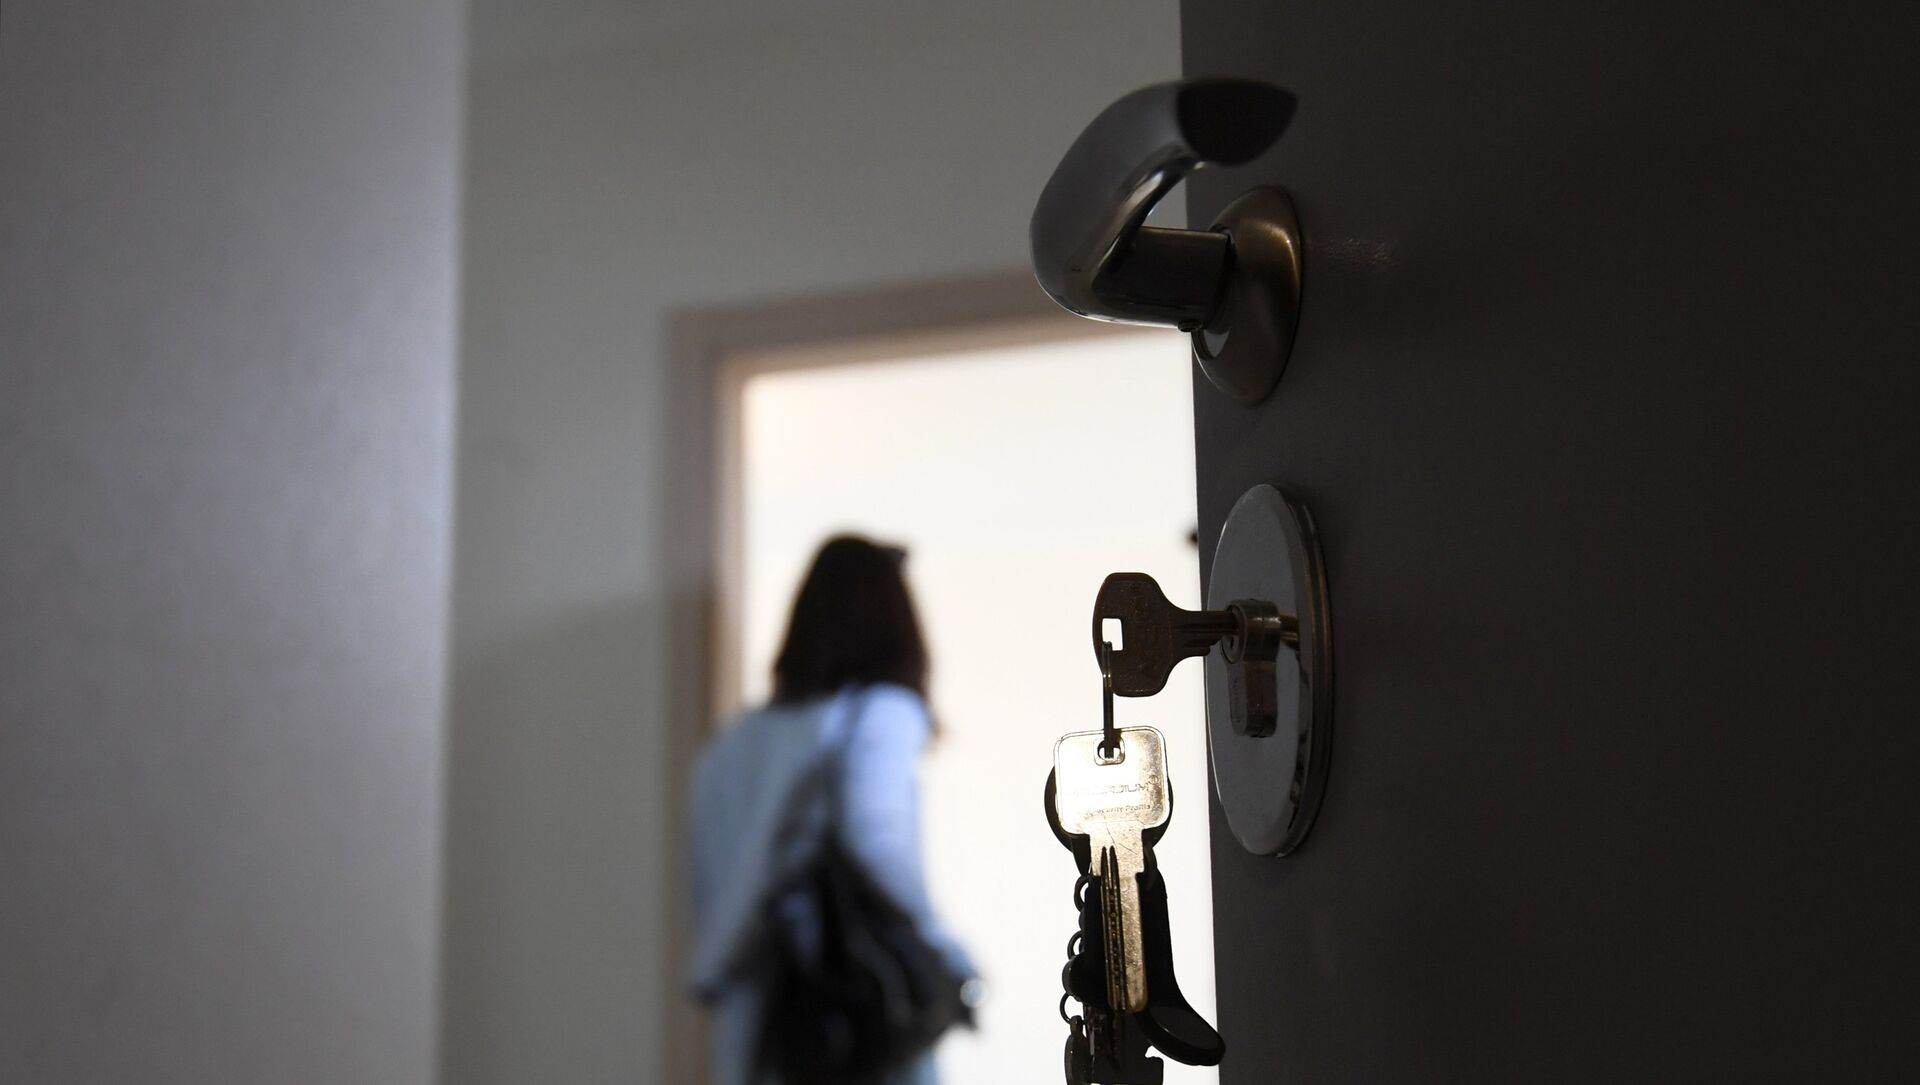 Входная дверь в одной из квартир жилого дома, фото из архива - Sputnik Azərbaycan, 1920, 04.08.2021